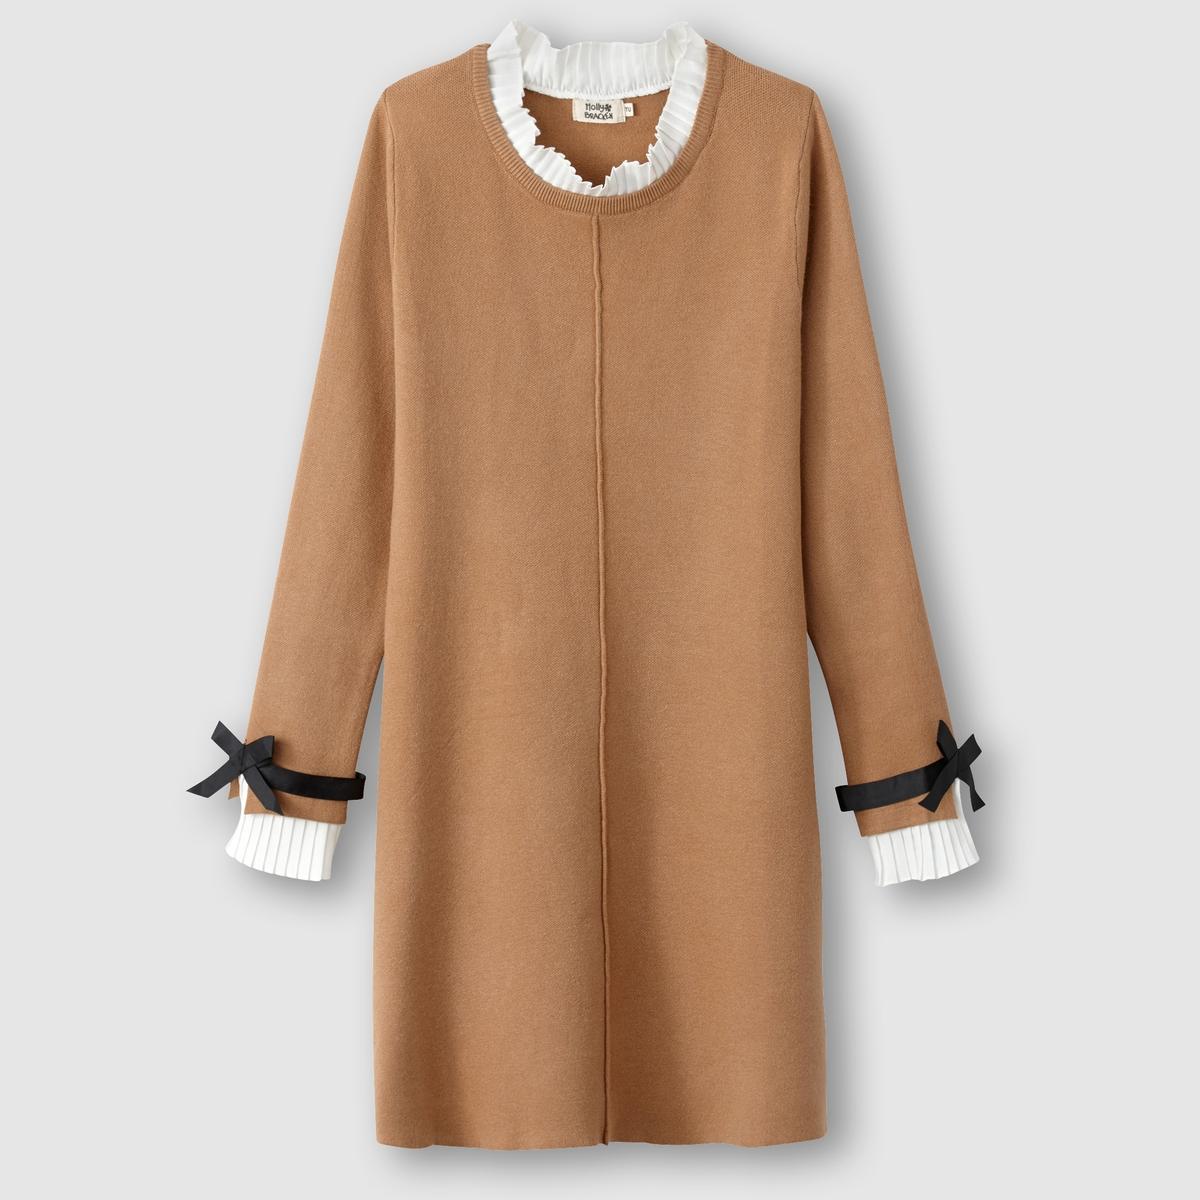 Платье с длинными рукавами и воланамиПлатье с длинными рукавами MOLLY BRACKEN. Очень оригинальное платье с воланами на манжетах и высоким воротником-воланом.Состав и описание:Материал: 50% вискозы, 30% полиамида, 20% полиэстера.Марка: MOLLY BRACKEN.Уход:- Стирать при 30°C с вещами схожих цветов.- Стирать и гладить с изнанки.<br><br>Цвет: темно-бежевый